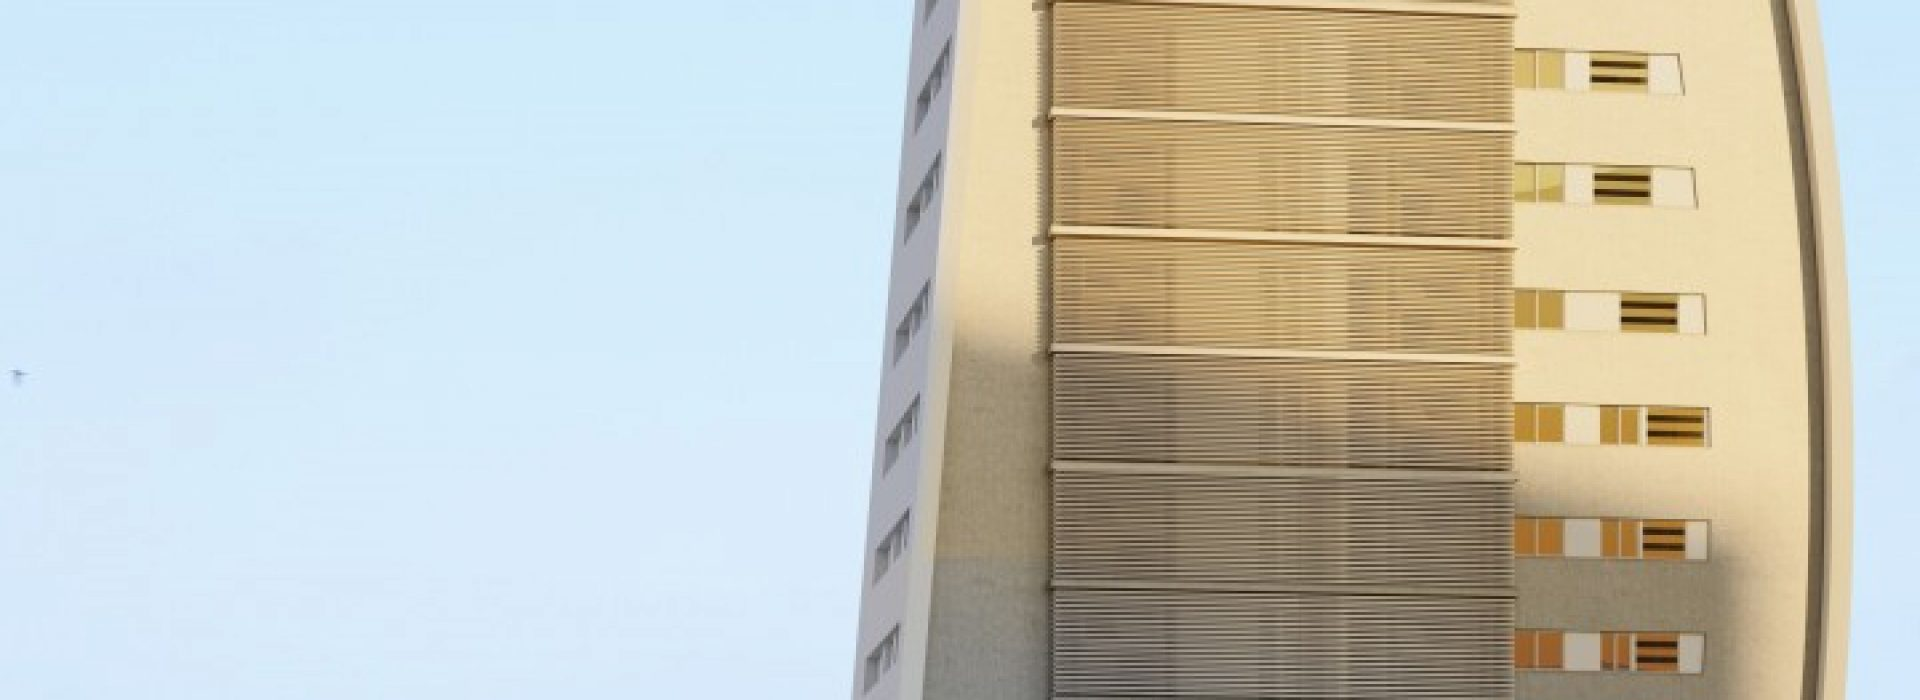 luksusowe-apartamenty-w-pierwszej-lini-brzegowej-w-benidormie-4-16112